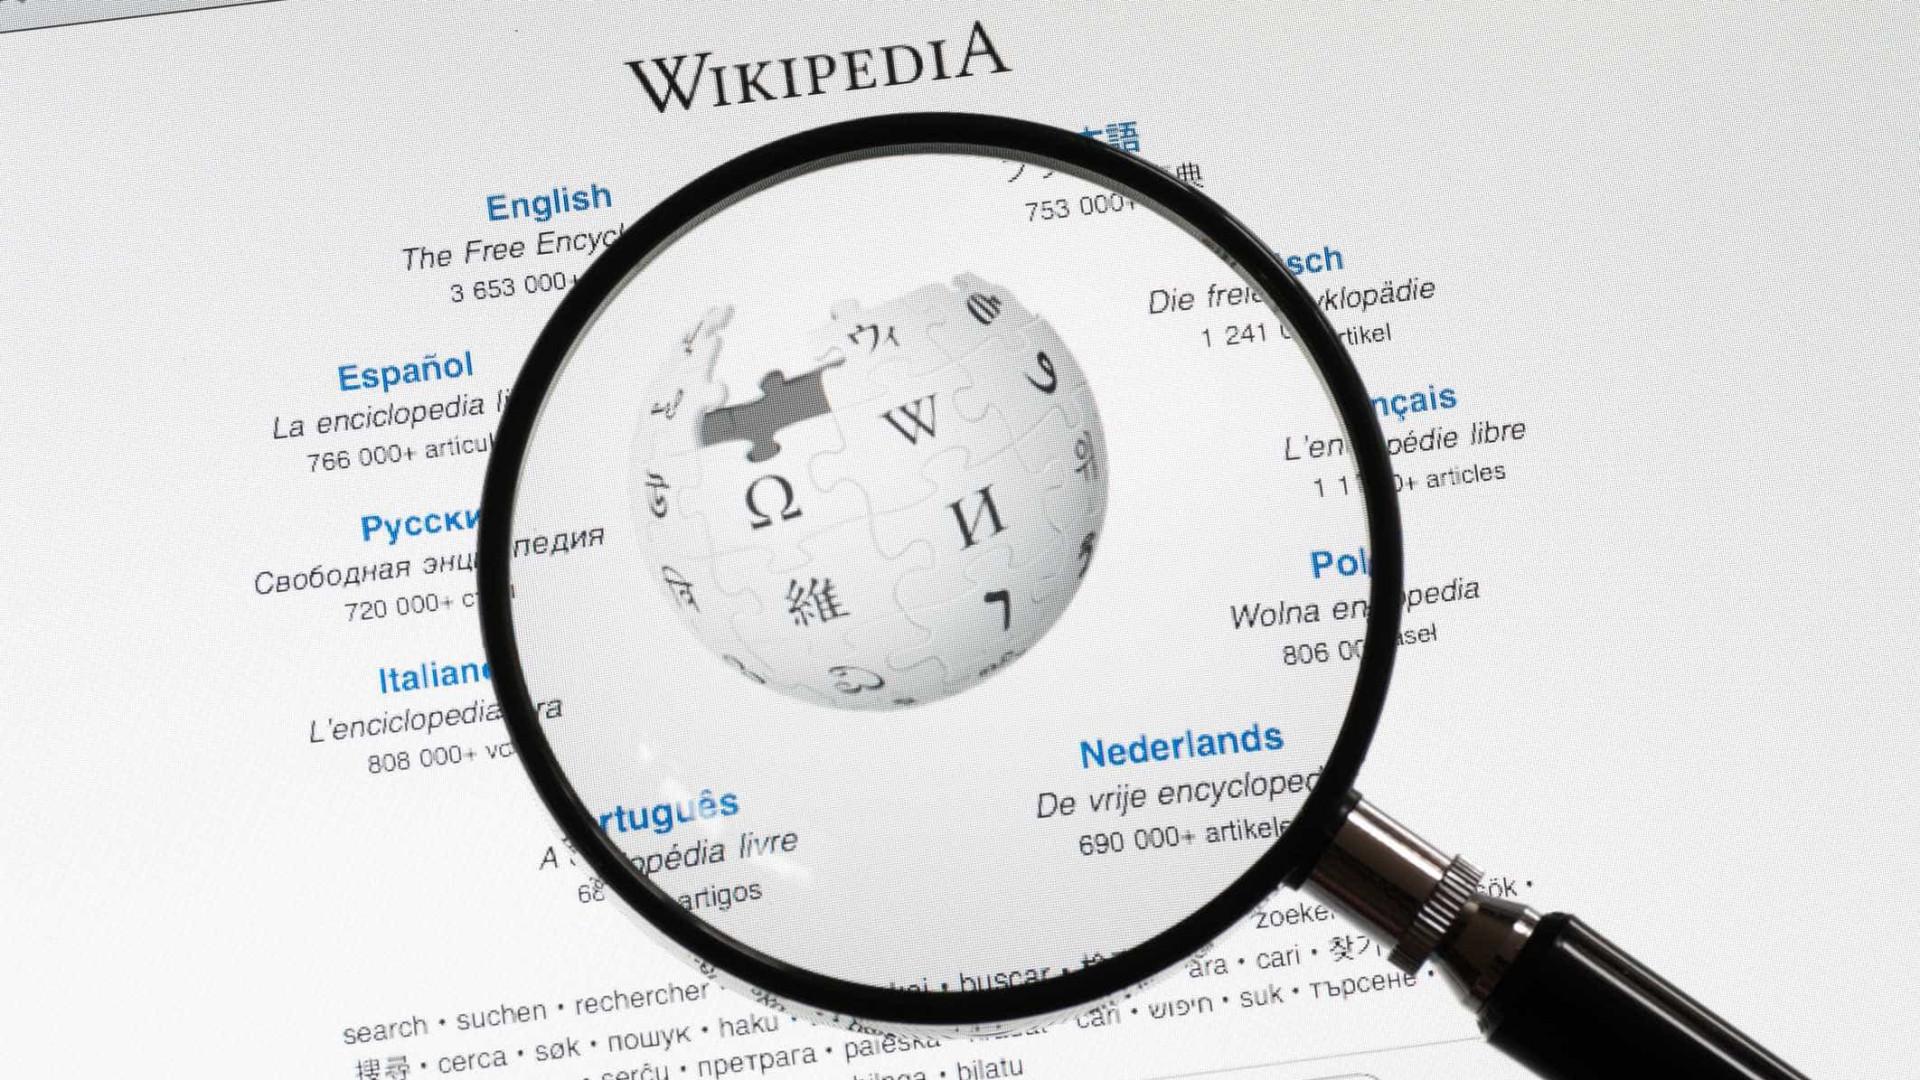 Wikipedia revela a lista dos artigos mais procurados em 2019